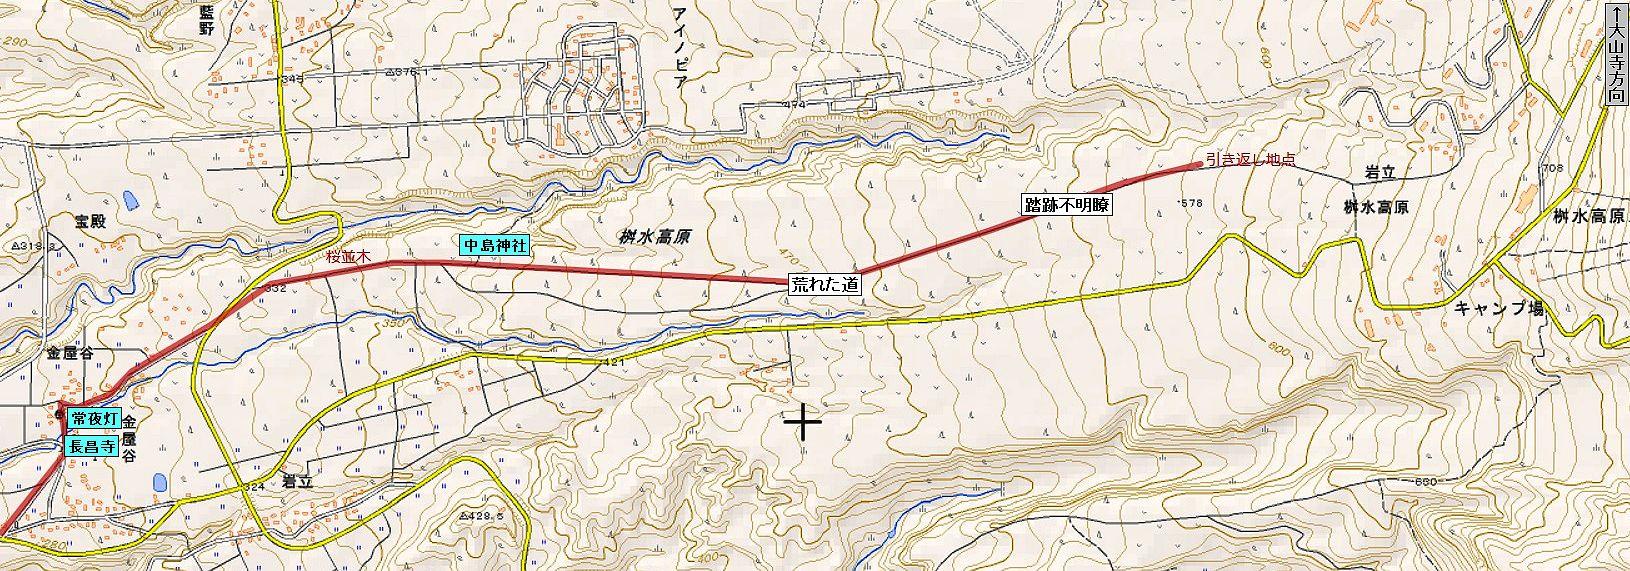 大山道を歩く(溝口道)_b0156456_10232739.jpg